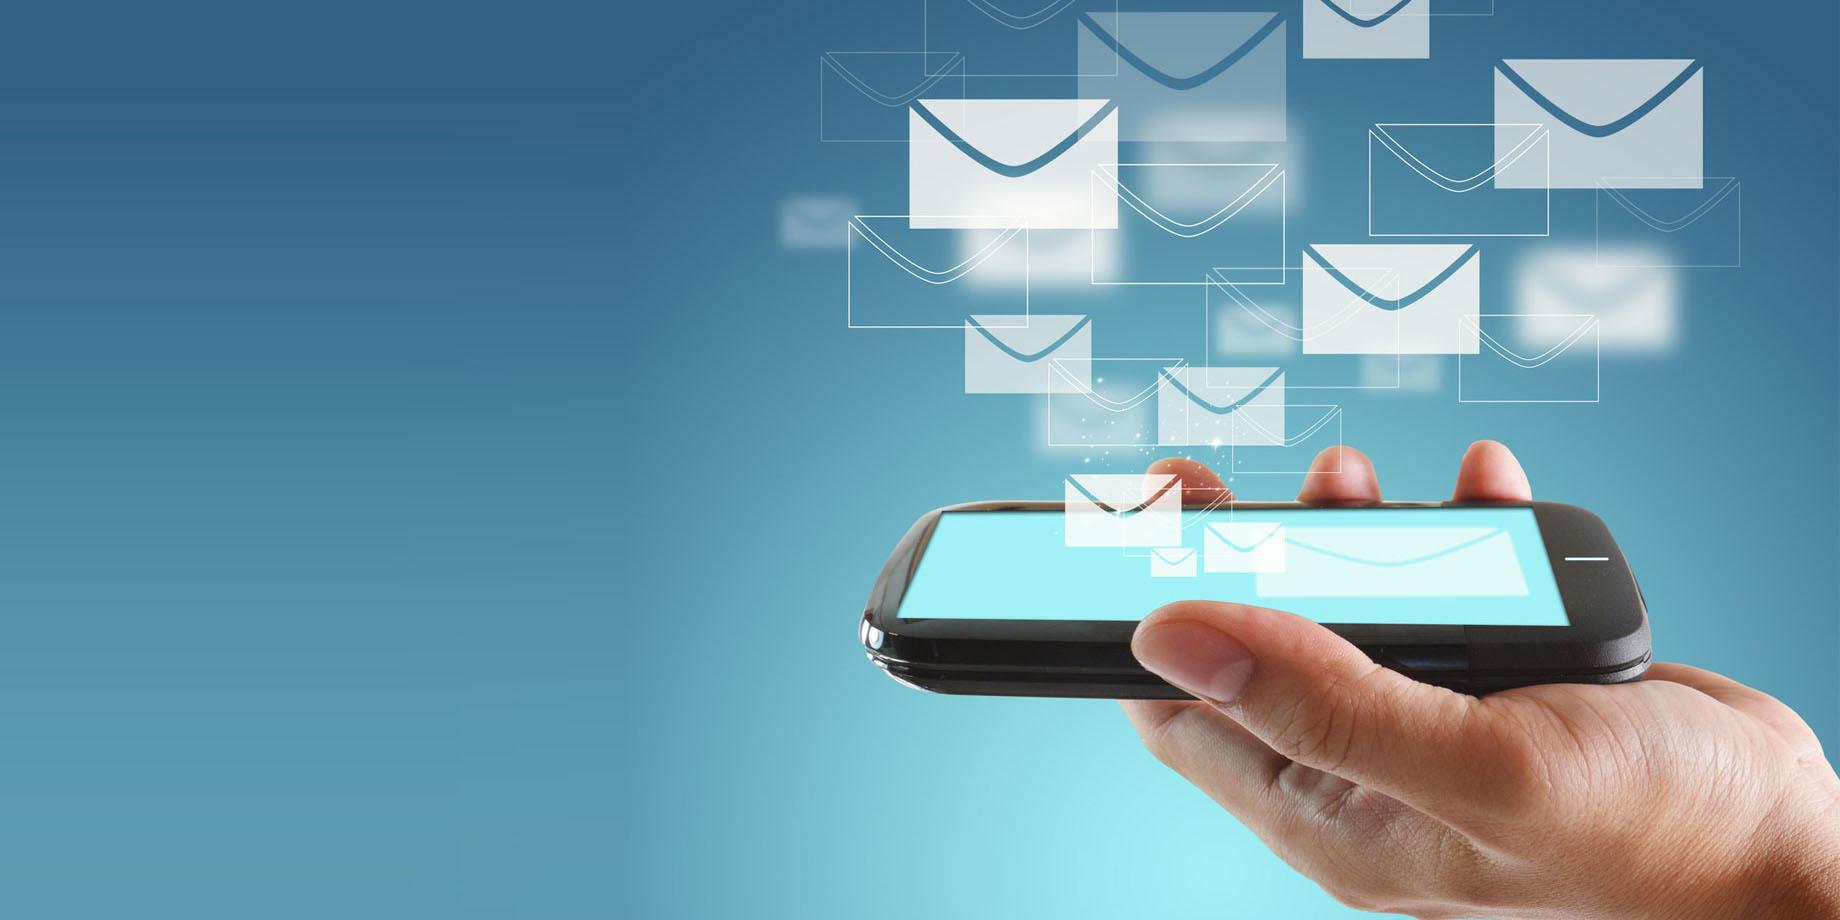 اپراتورها ملزم به استرداد مبالغ دریافتی جهت پیامک به مشترکان شدند